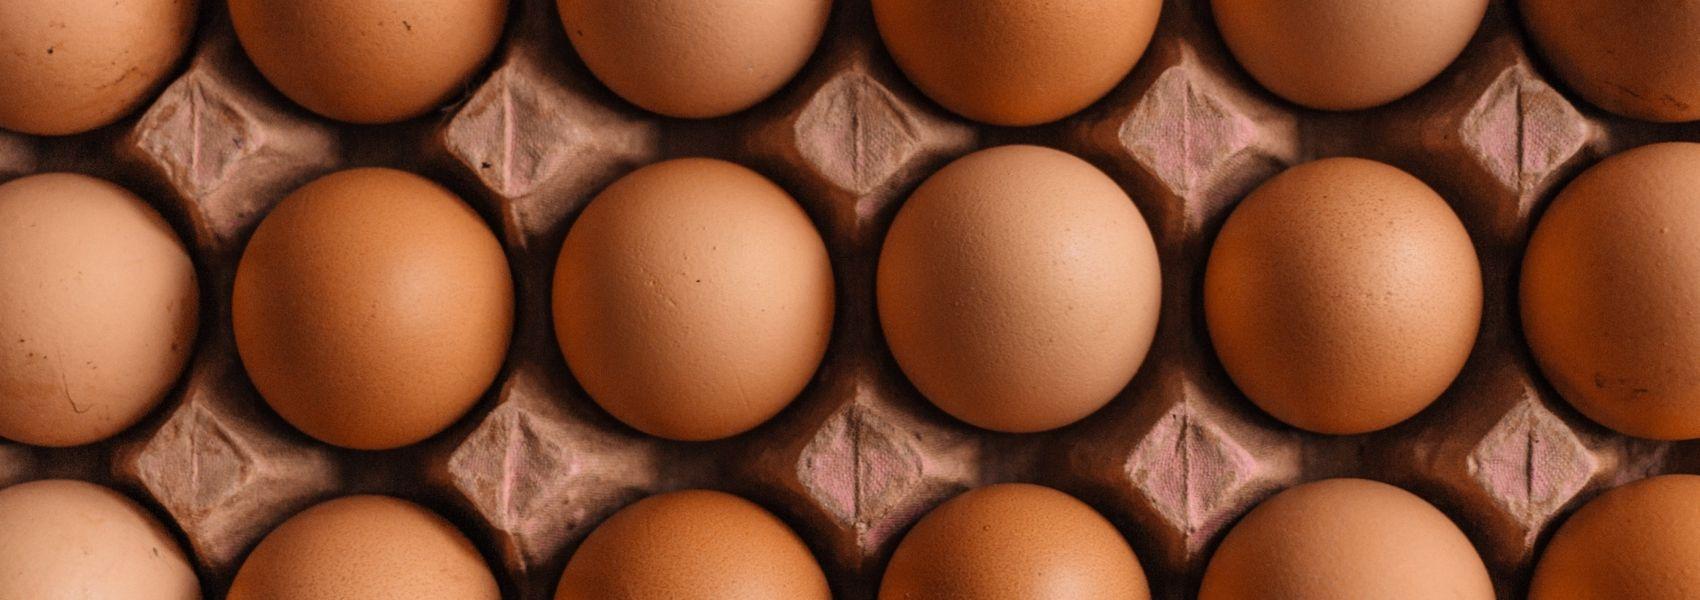 Cascas de ovos podem ajudar a tratar fraturas ósseas